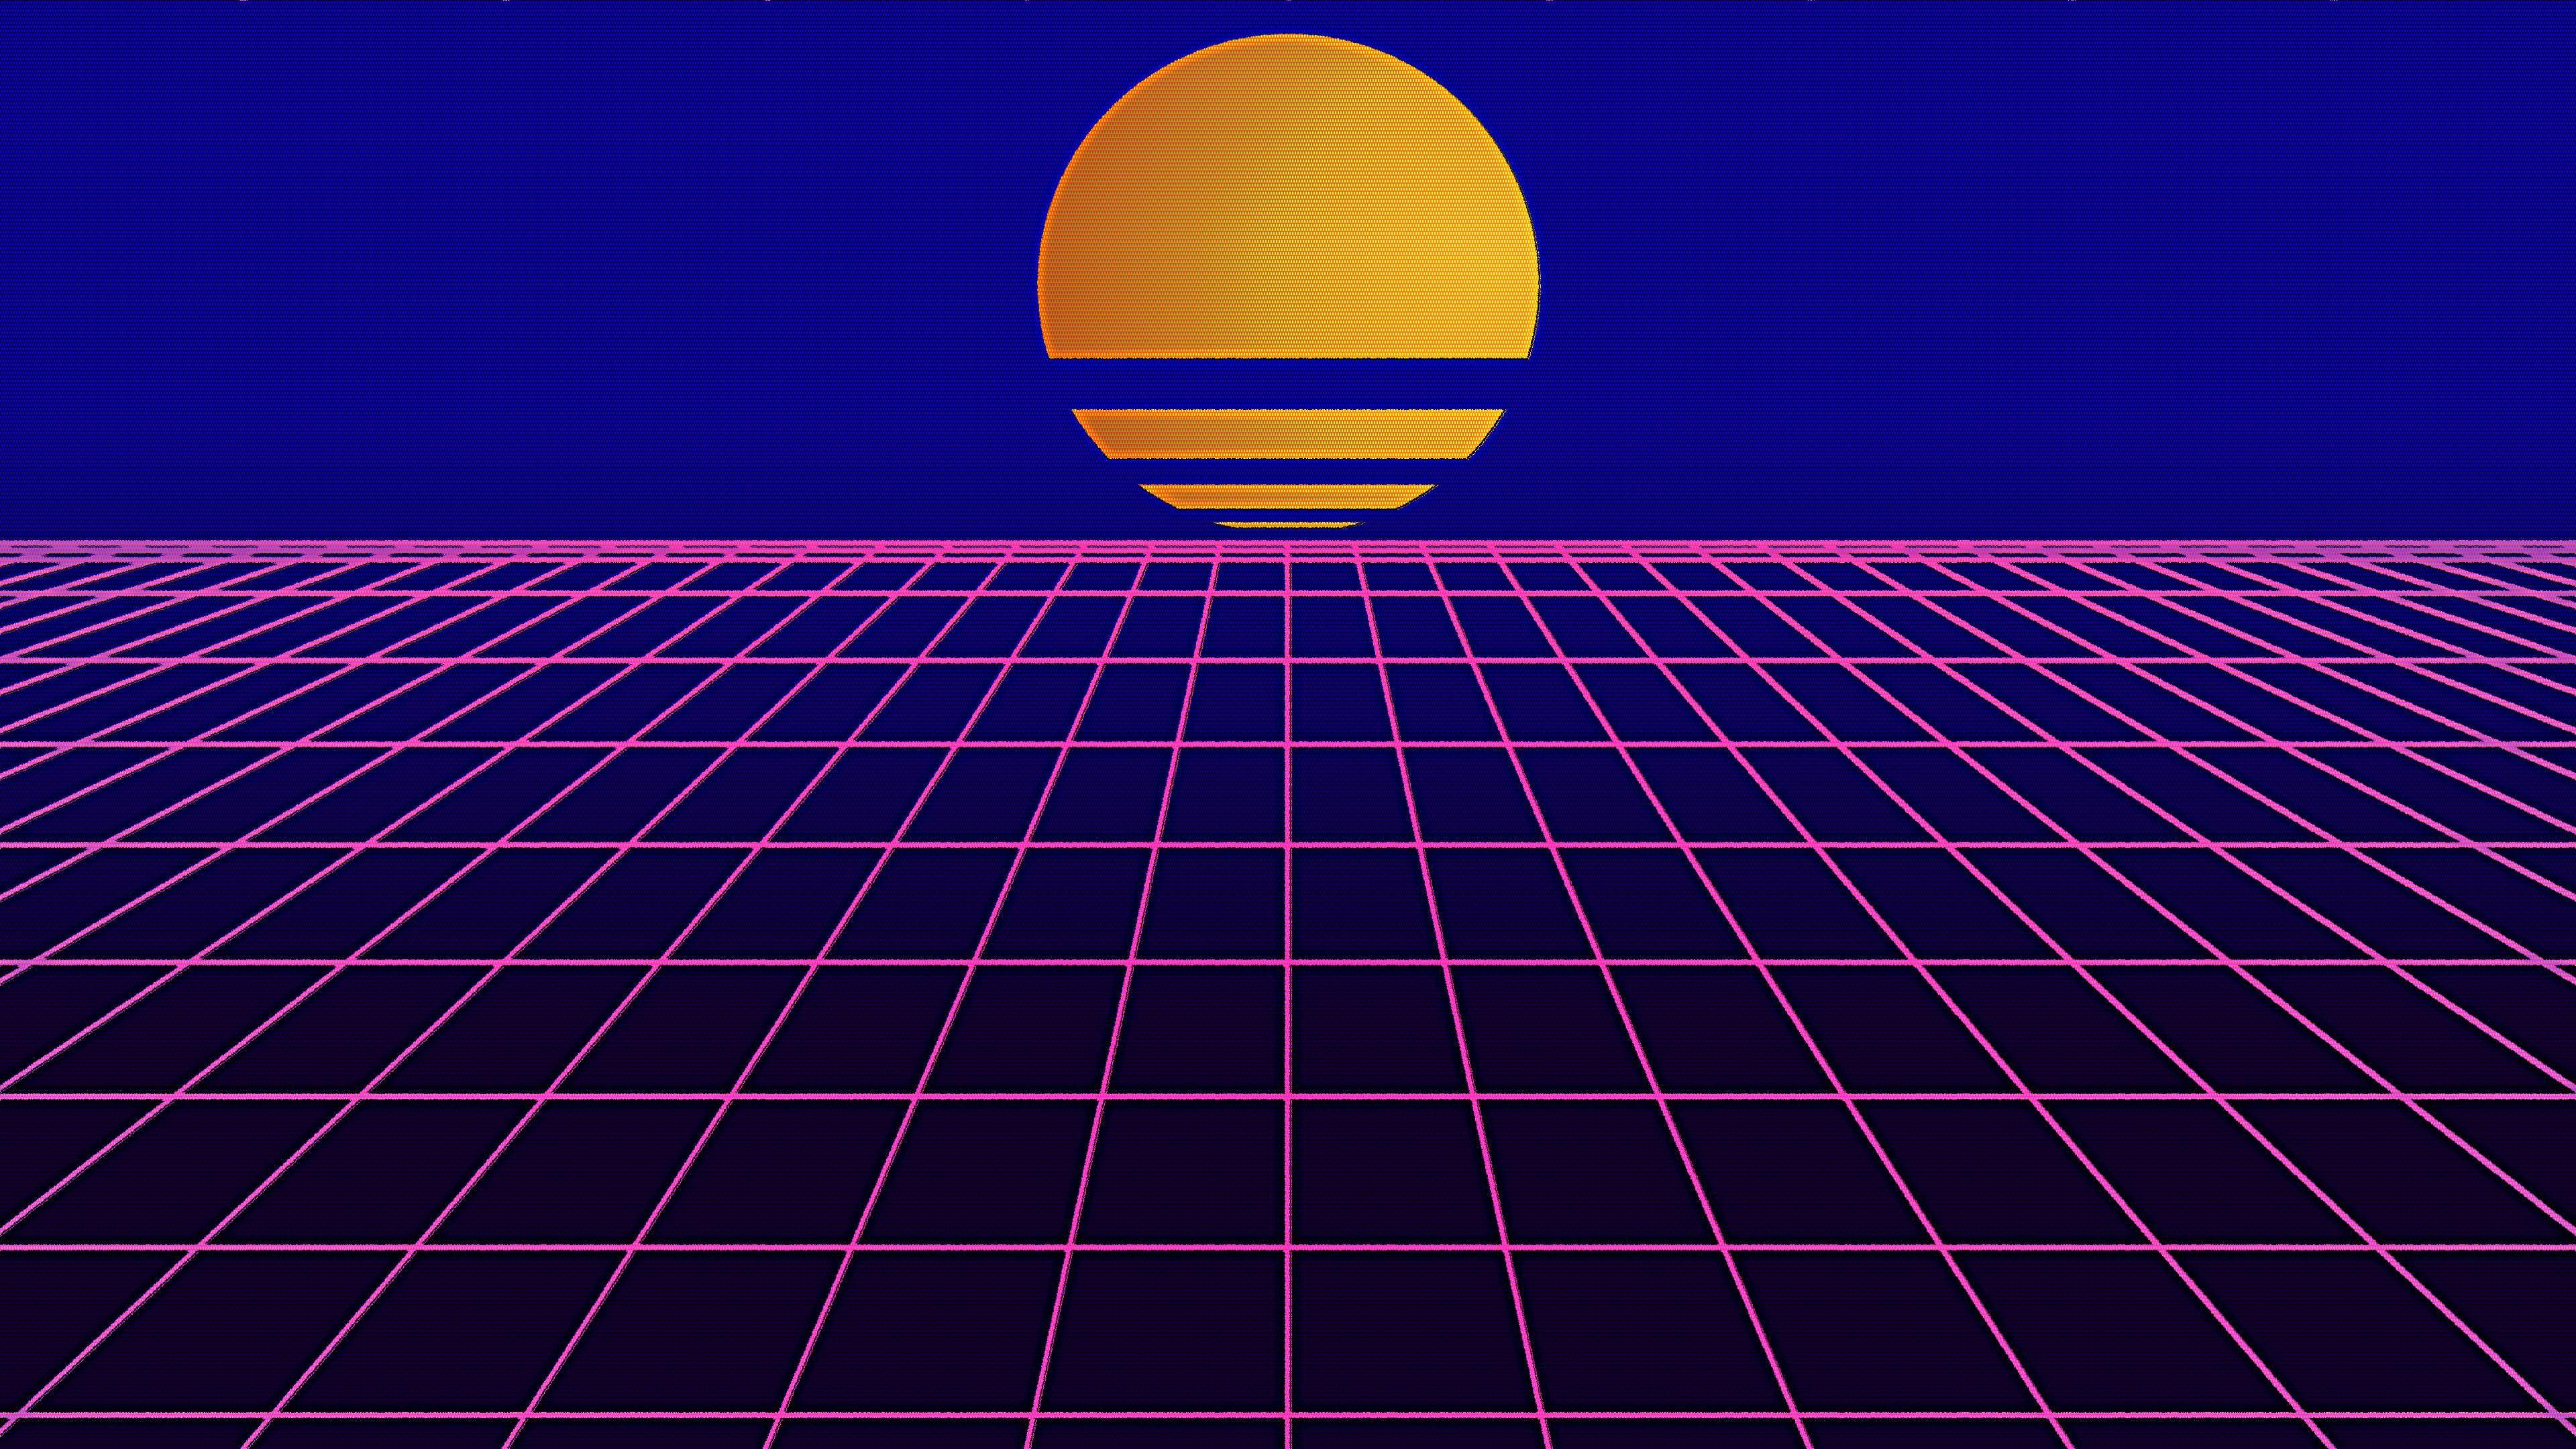 Vaporwave Sunset 3840x2160   Vaporwave, Background, Desktop background images